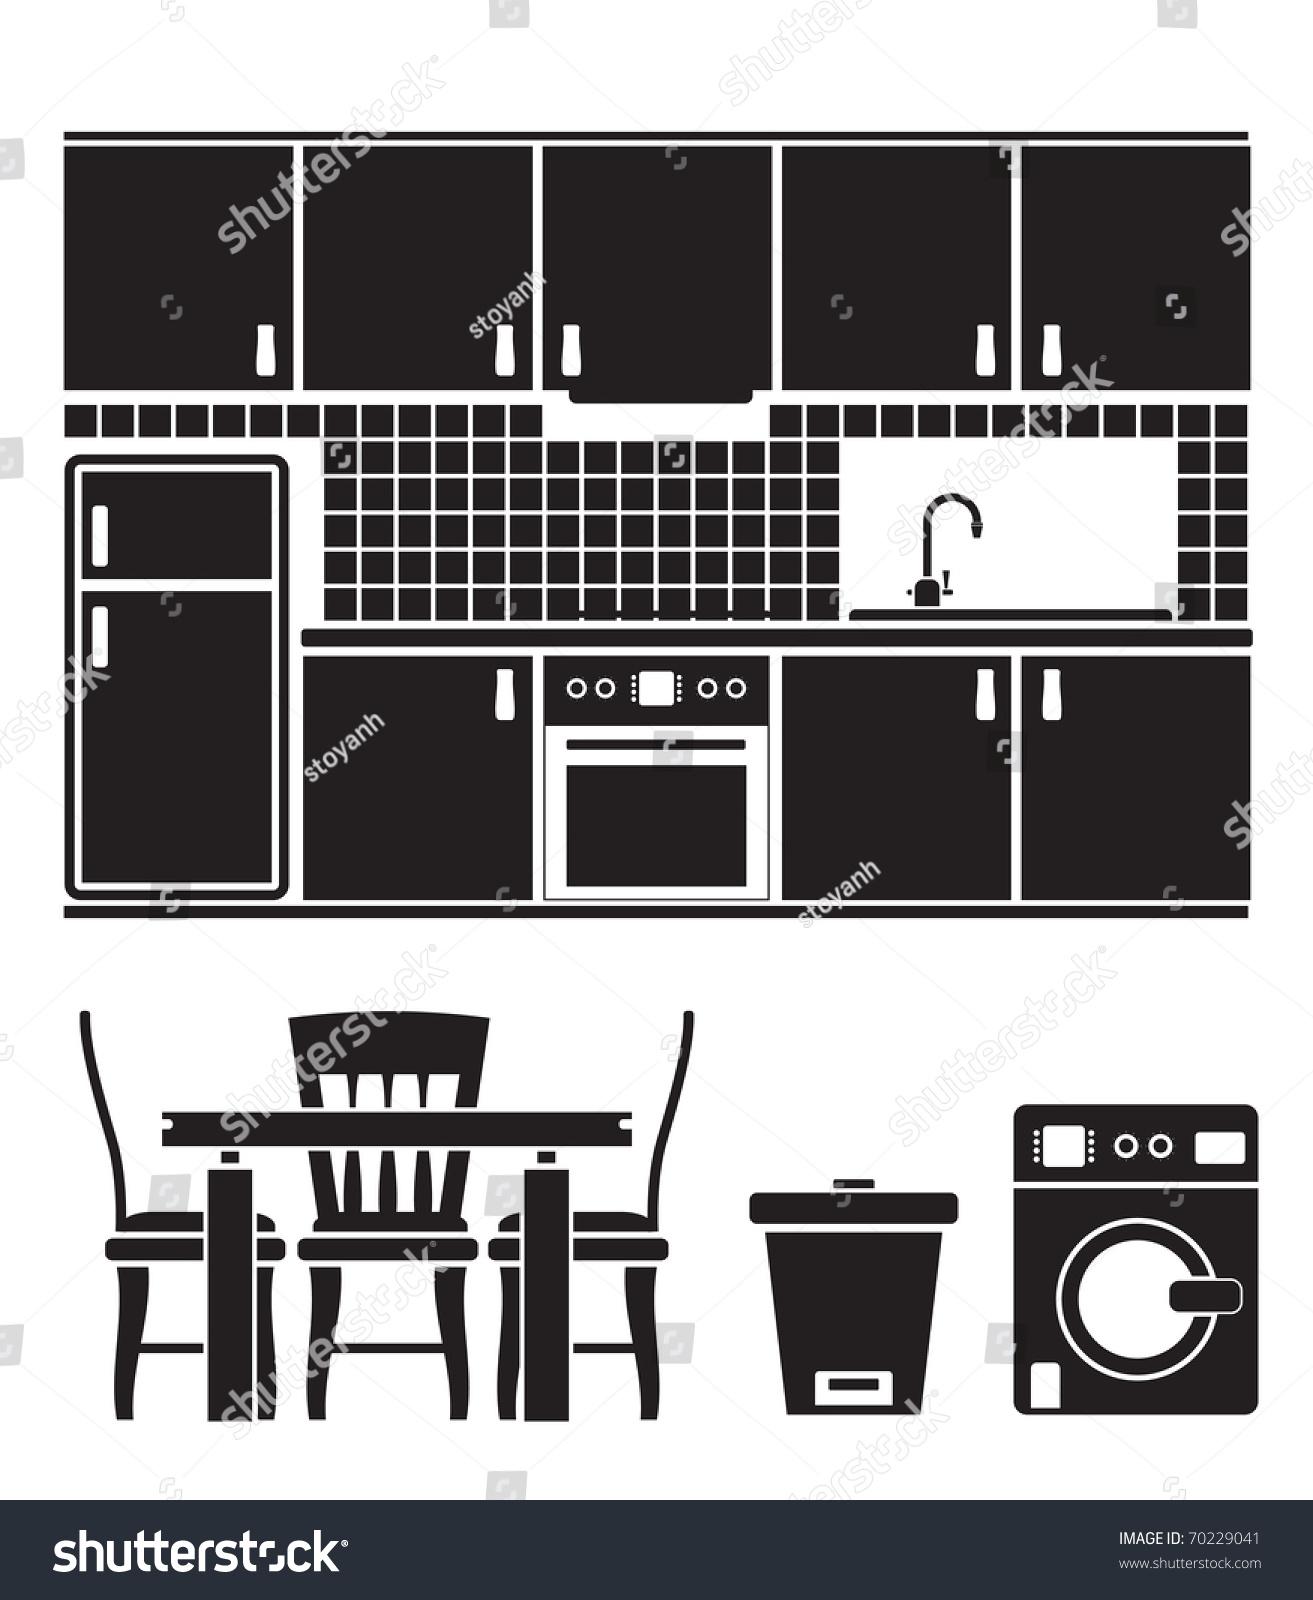 厨房物品,家具和设备——矢量插图